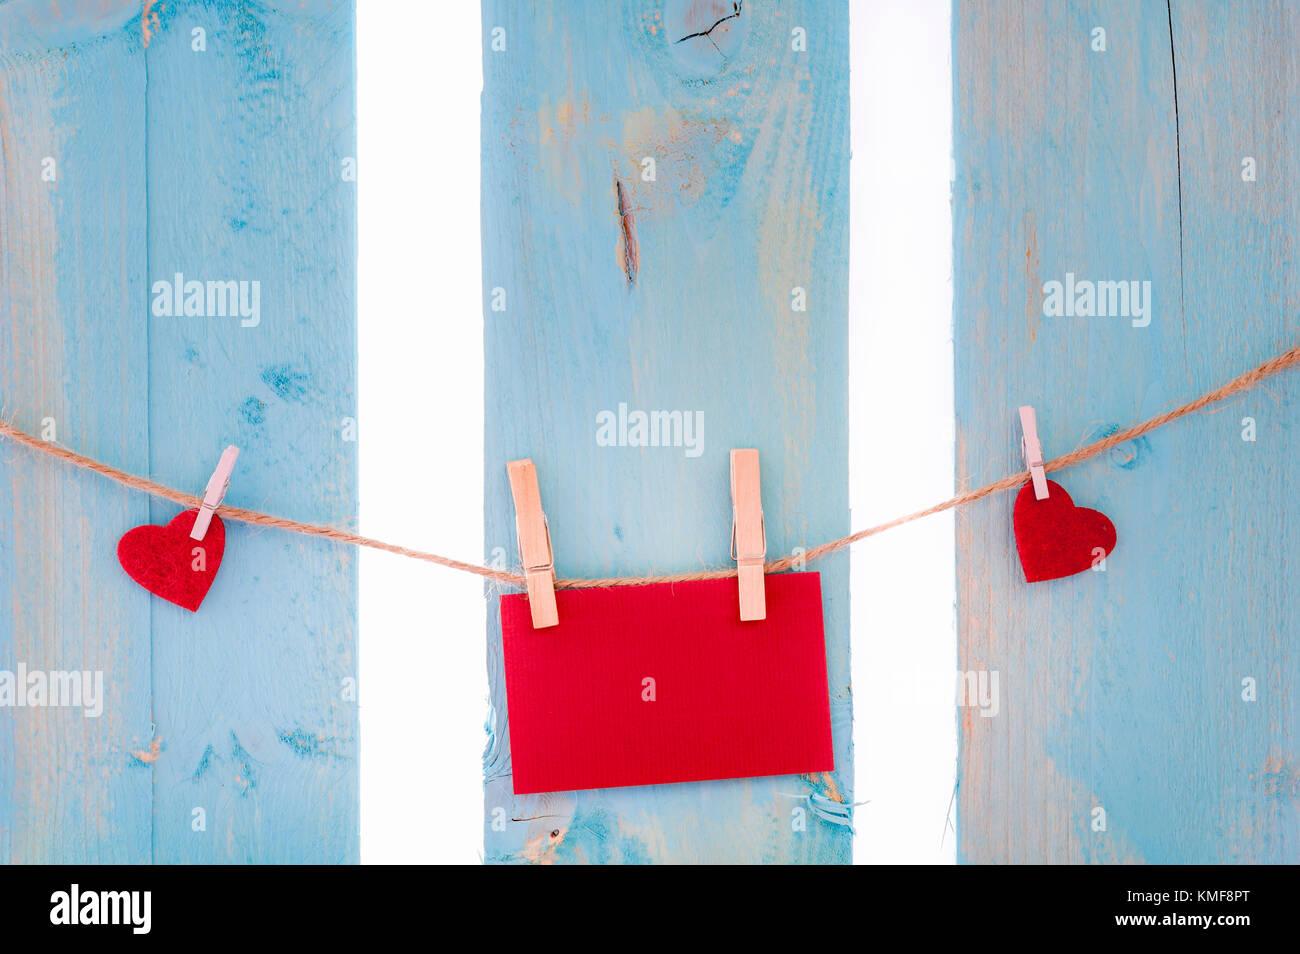 Carte message rouge vide entourée de cœurs rouges, attaché à une chaîne de lin avec des clips, Photo Stock